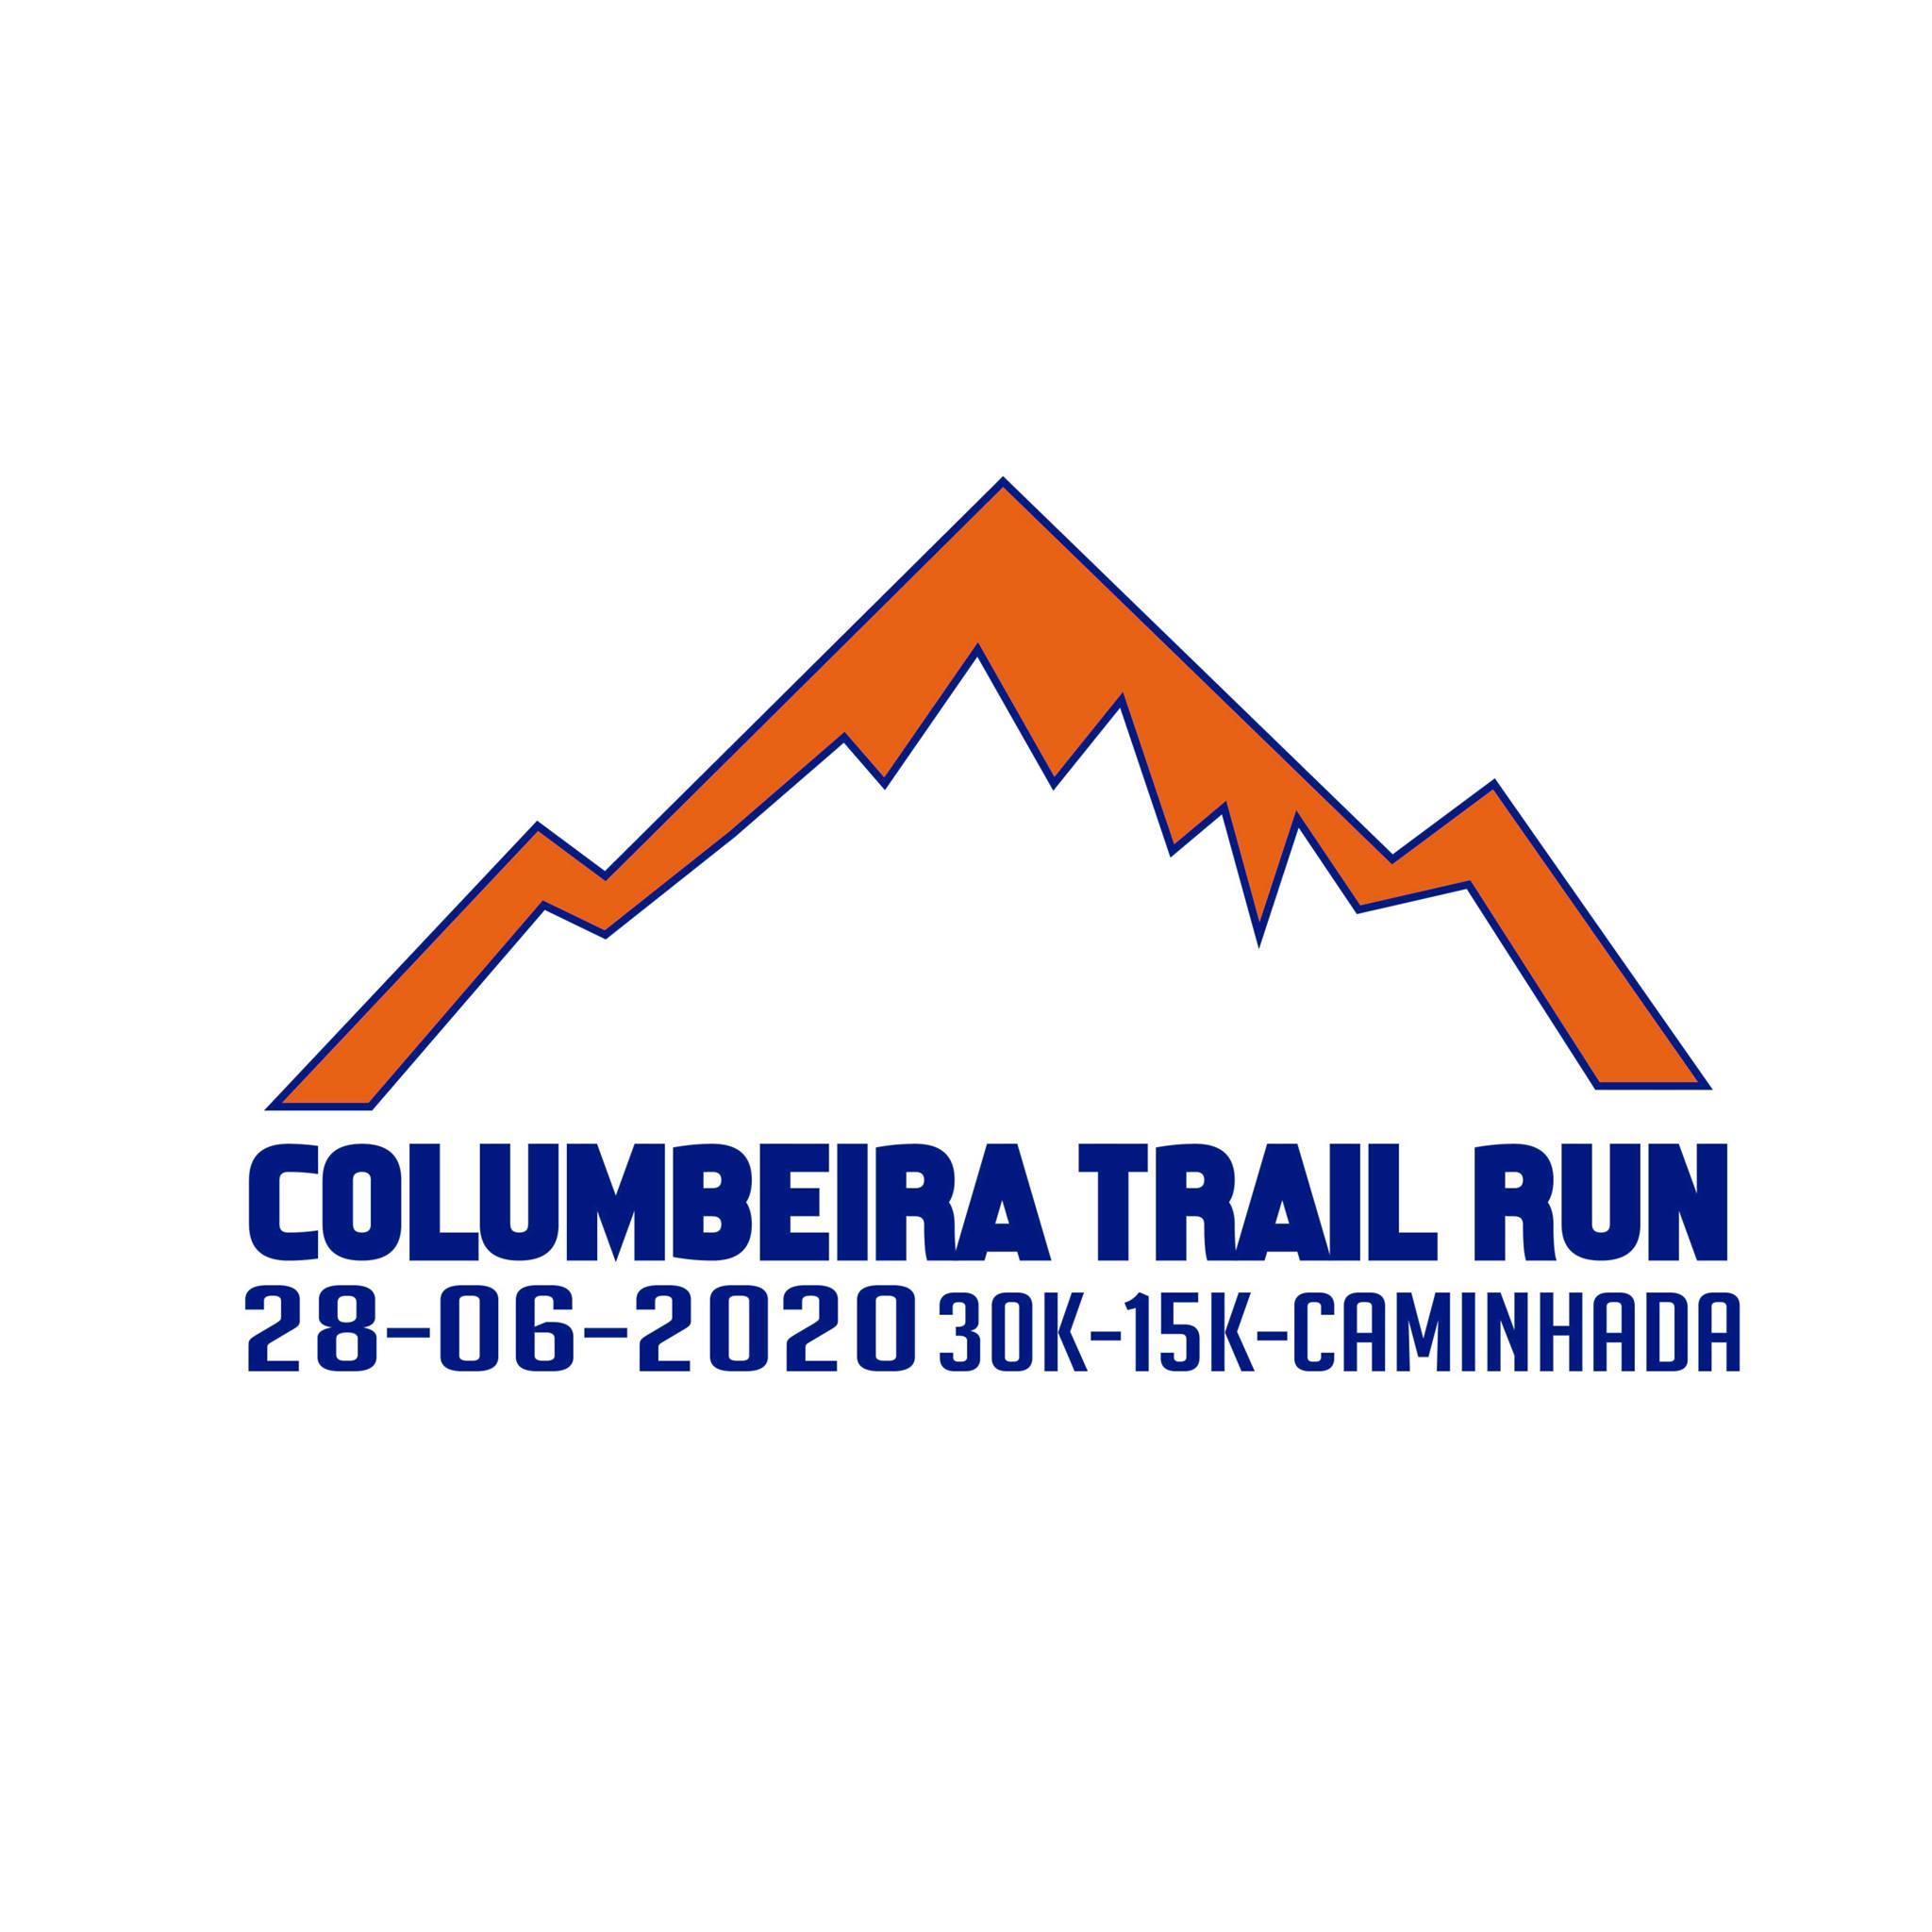 Columbeira TRAIL RUN 2020